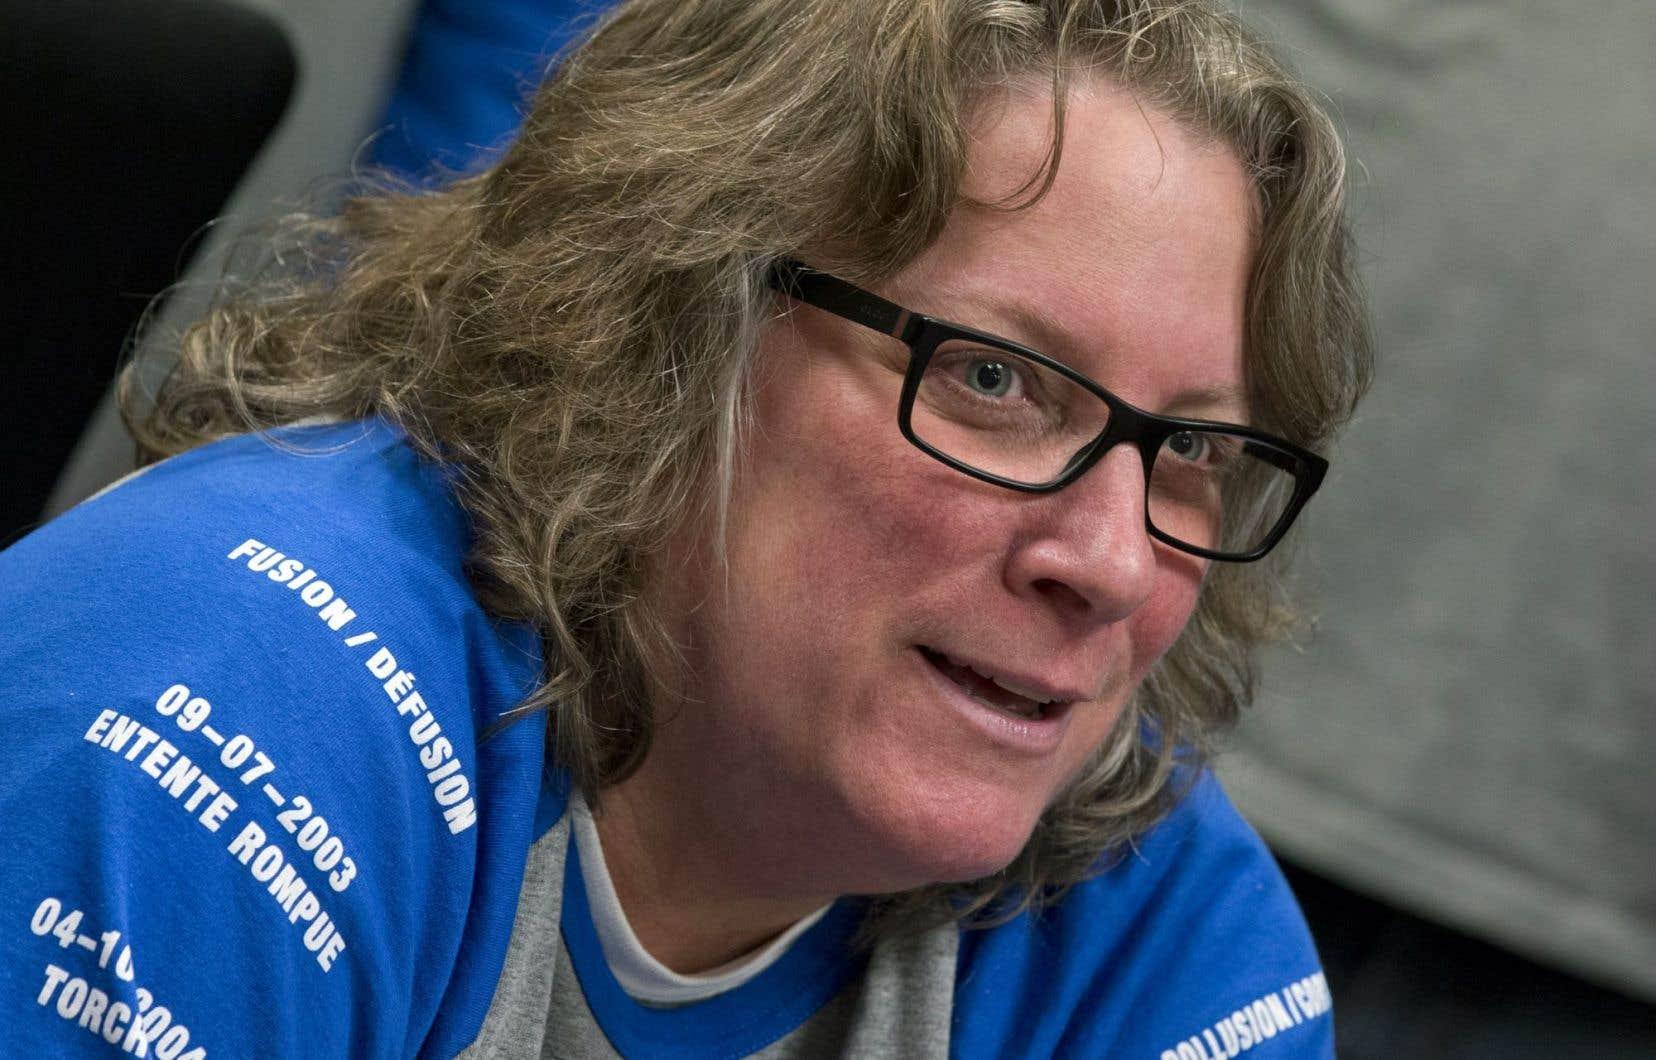 La présidente du Syndicat des cols bleus de Montréal, Chantal Racette